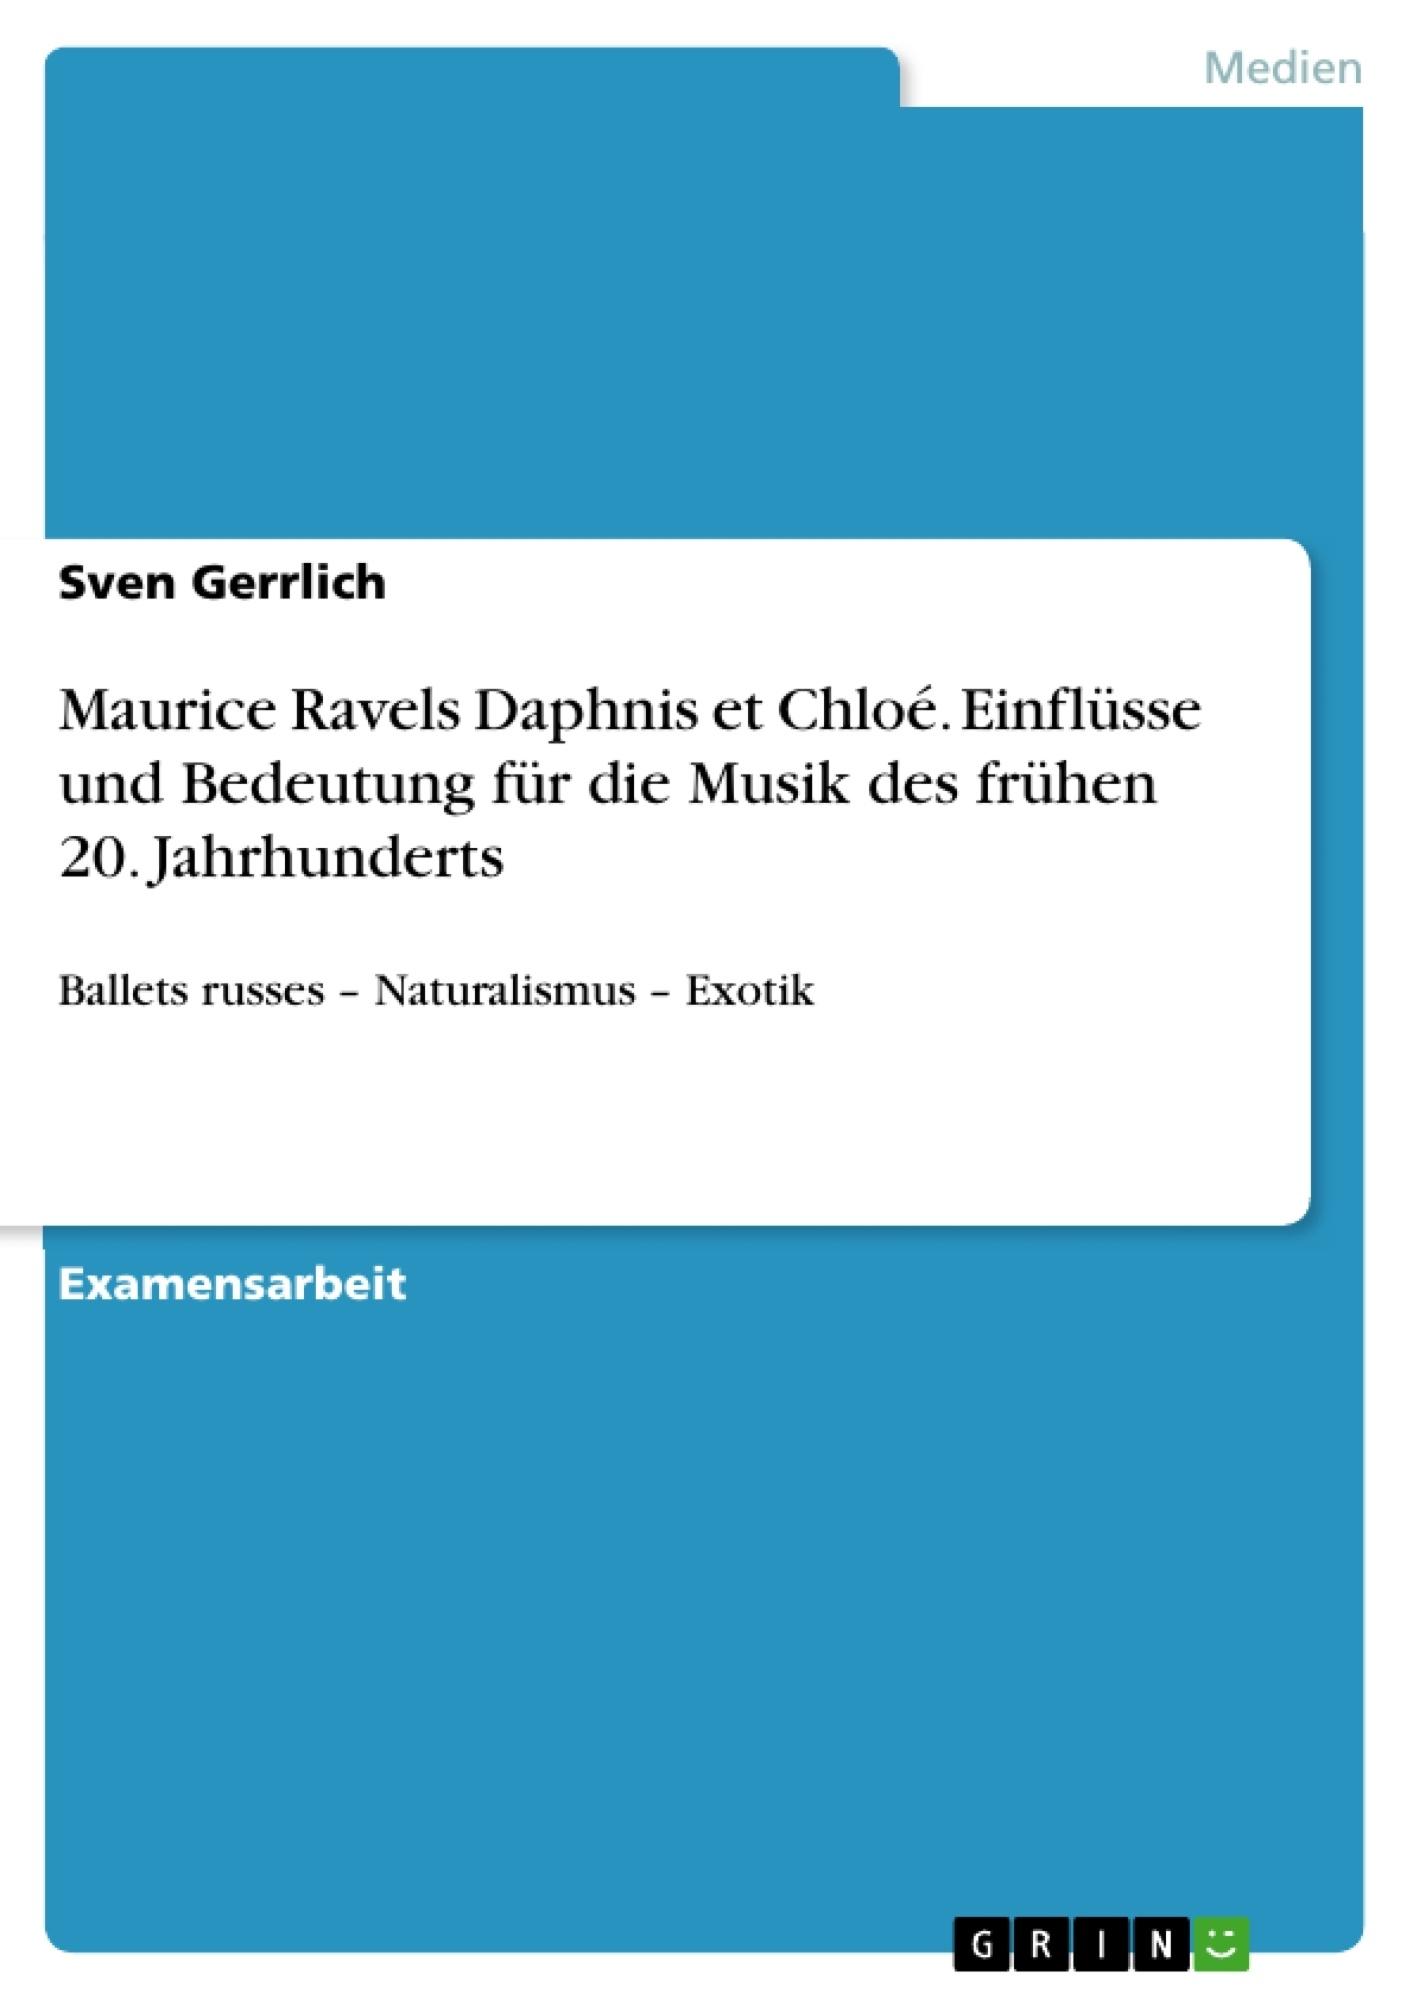 Titel: Maurice Ravels Daphnis et Chloé. Einflüsse und Bedeutung für die Musik des frühen 20. Jahrhunderts